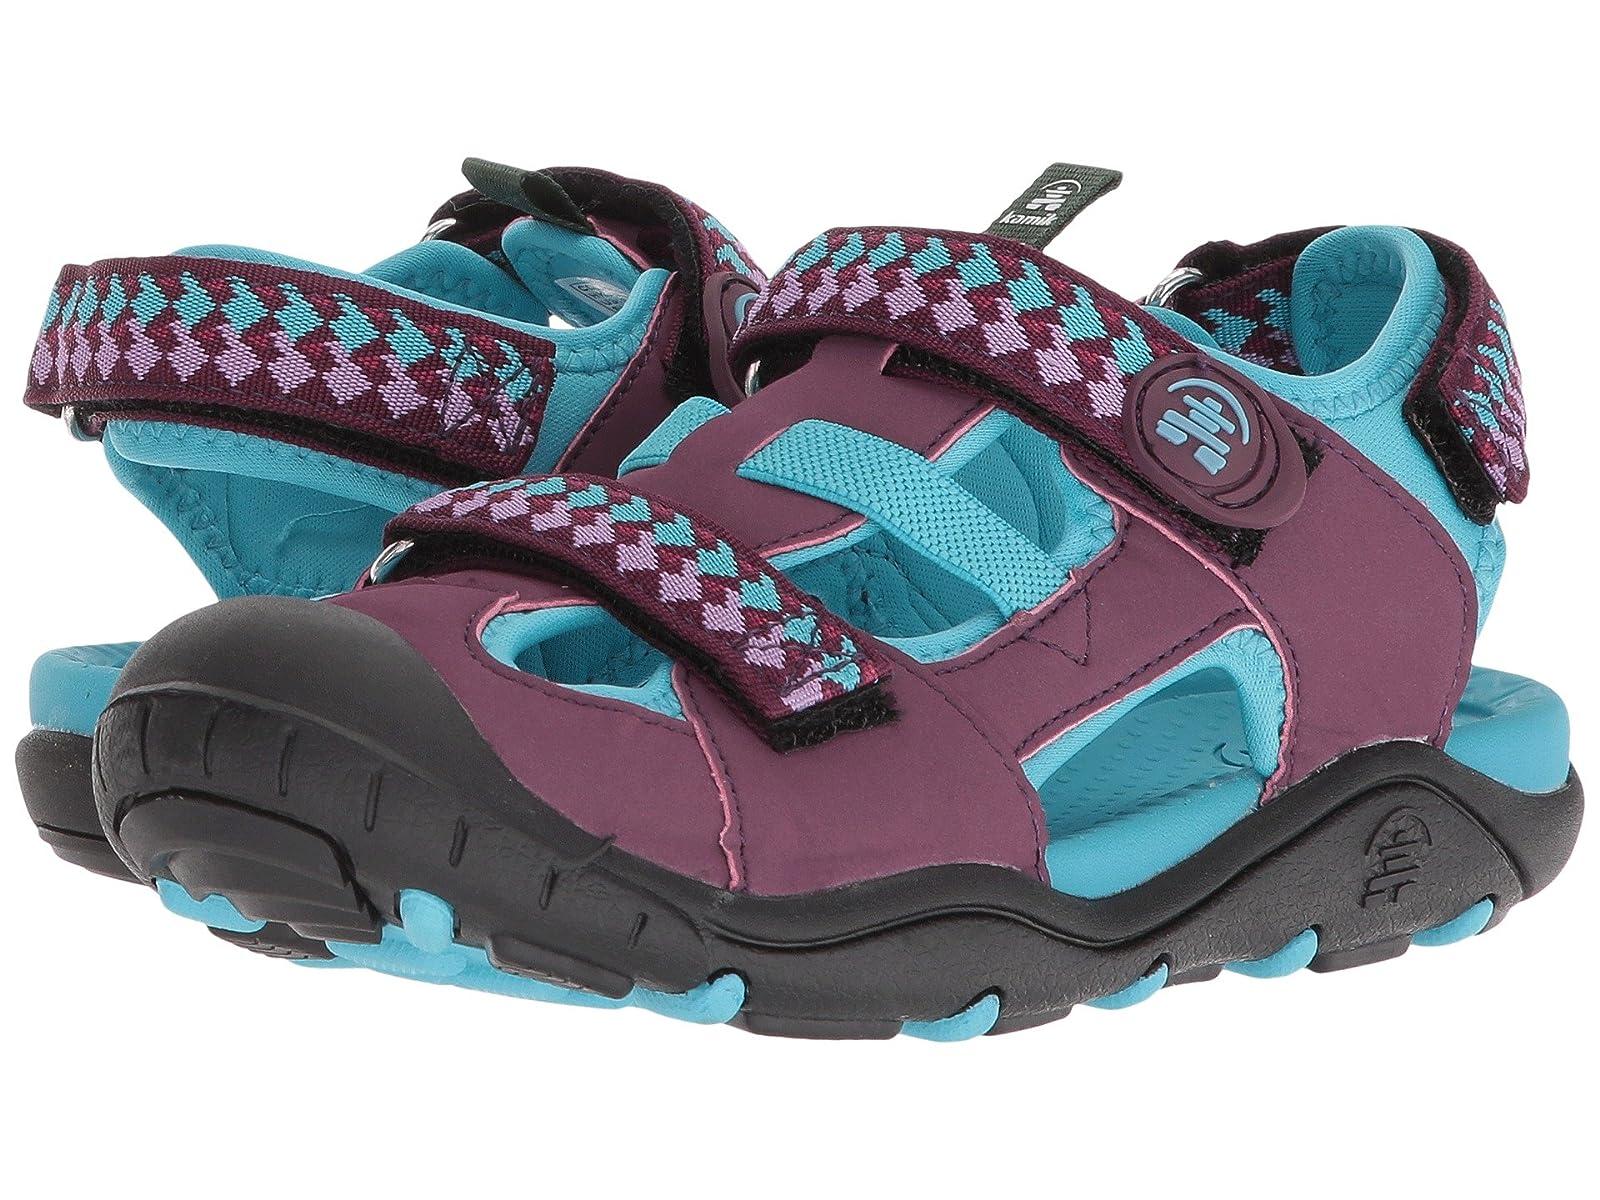 Kamik Kids Coralreef (Toddler/Little Kid/Big Kid)Atmospheric grades have affordable shoes